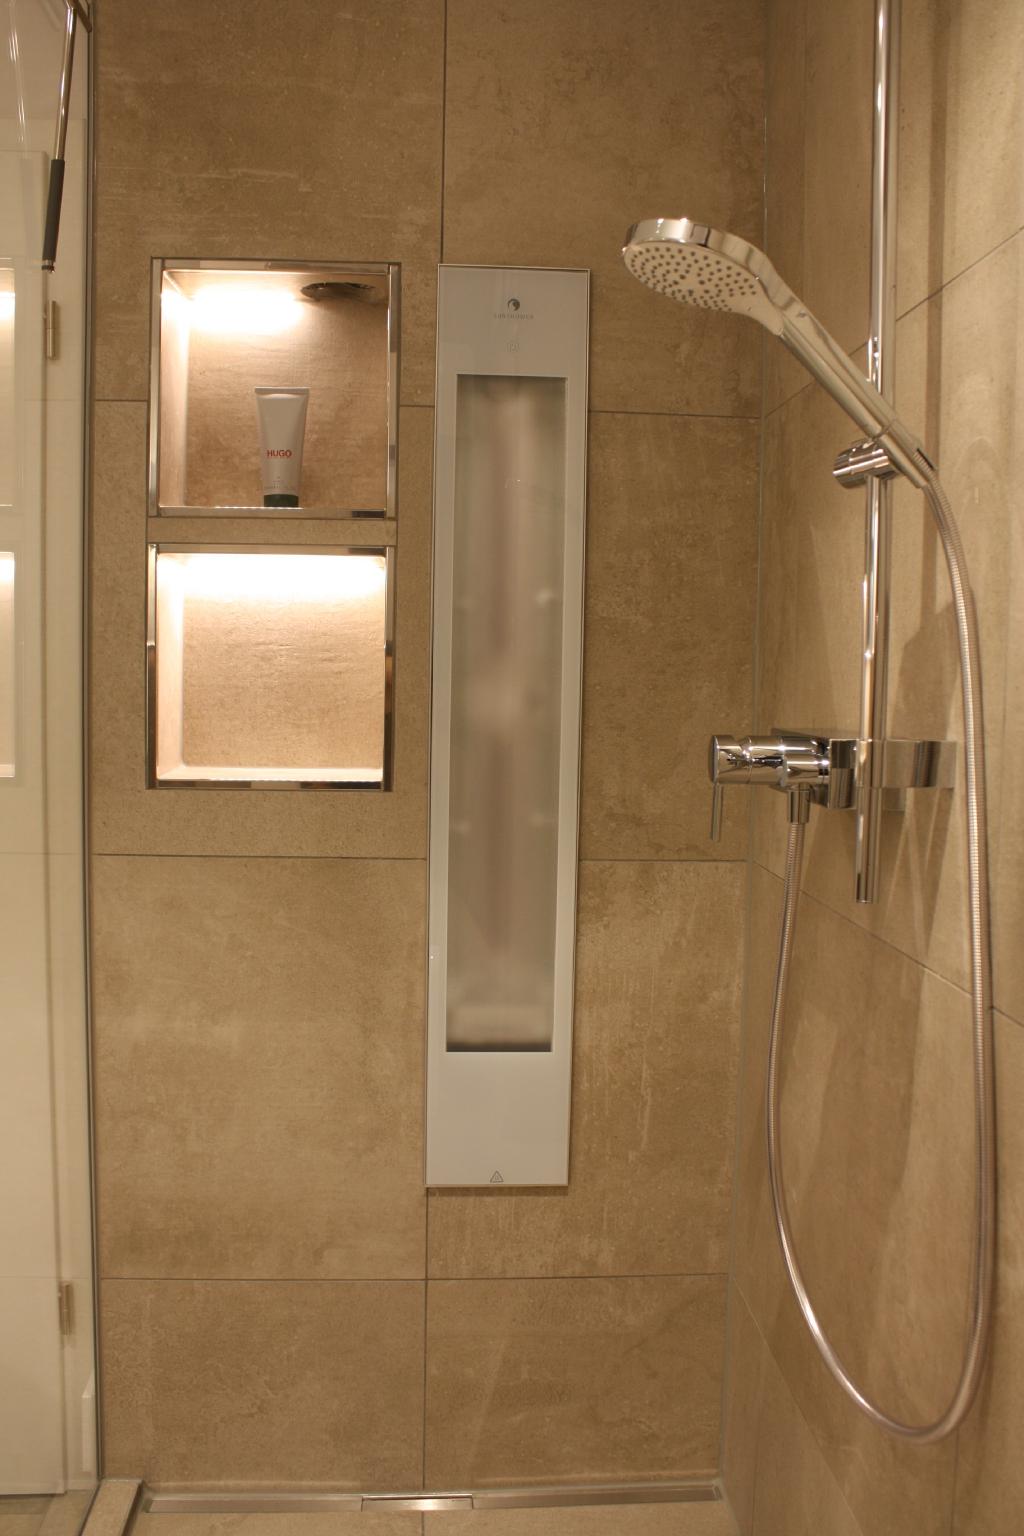 Harmonisches Badezimmer mit warmen Farben - steup-baeder.de